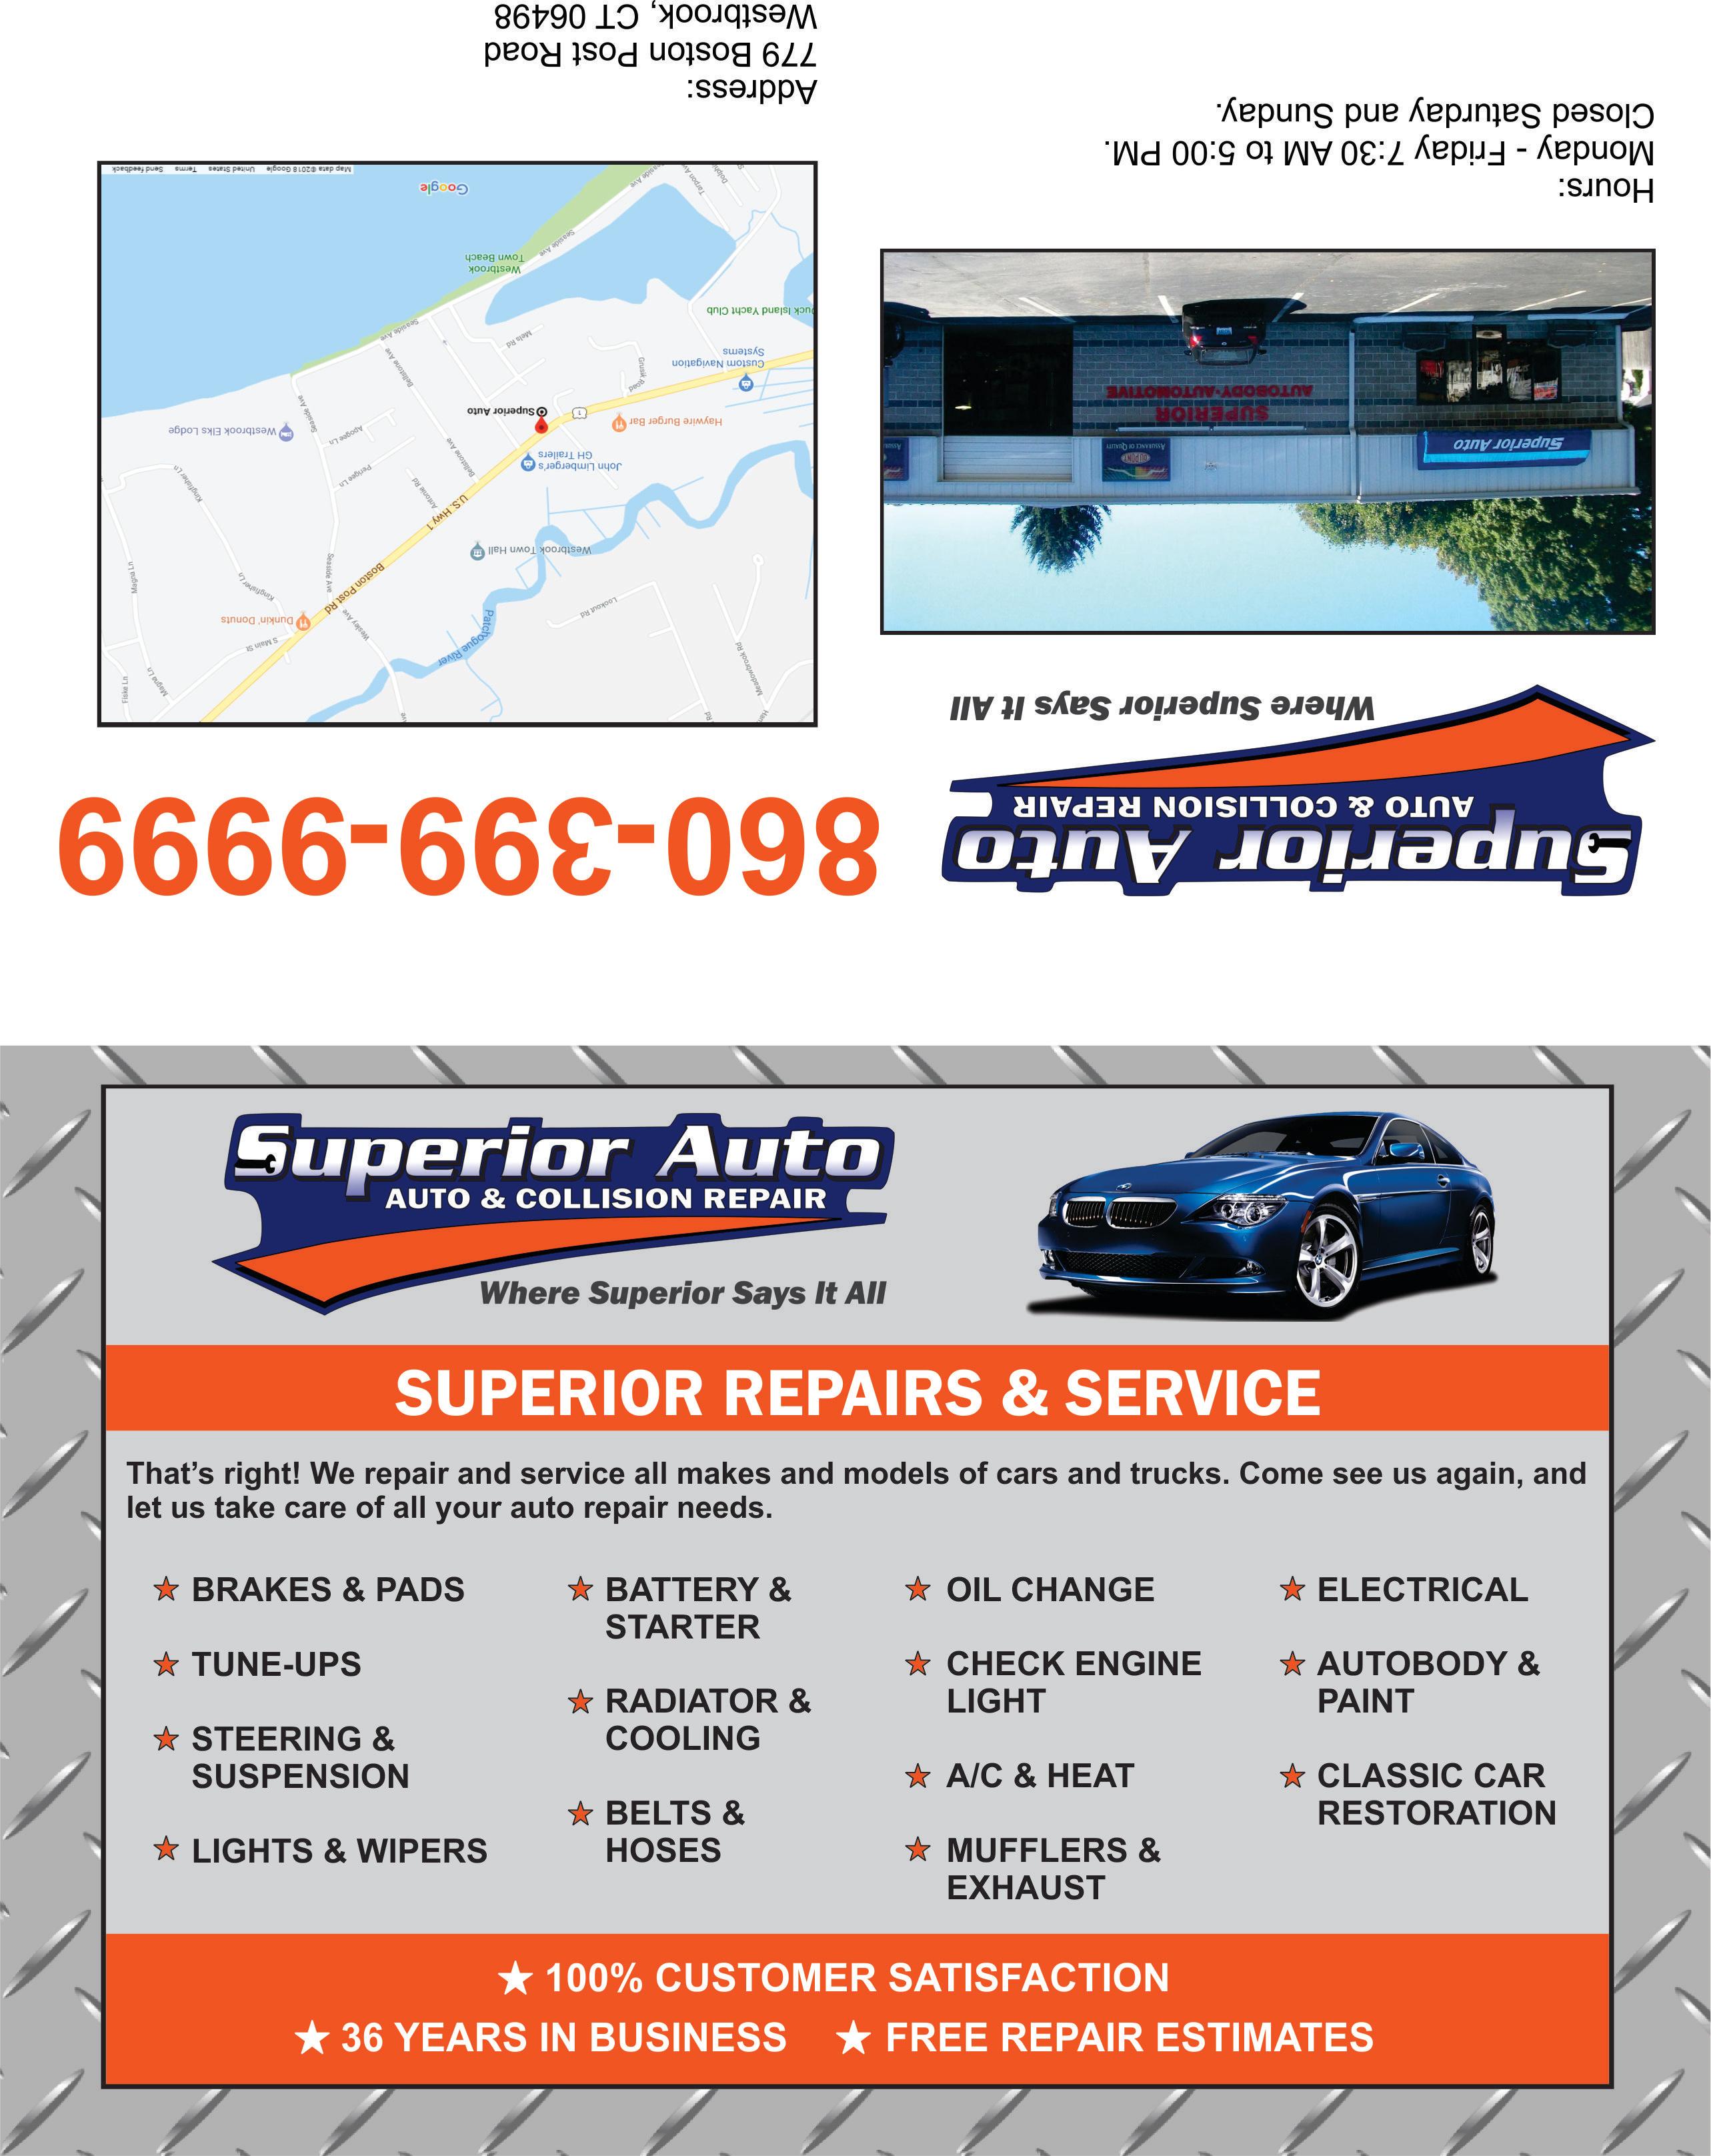 Superior Auto Mailer